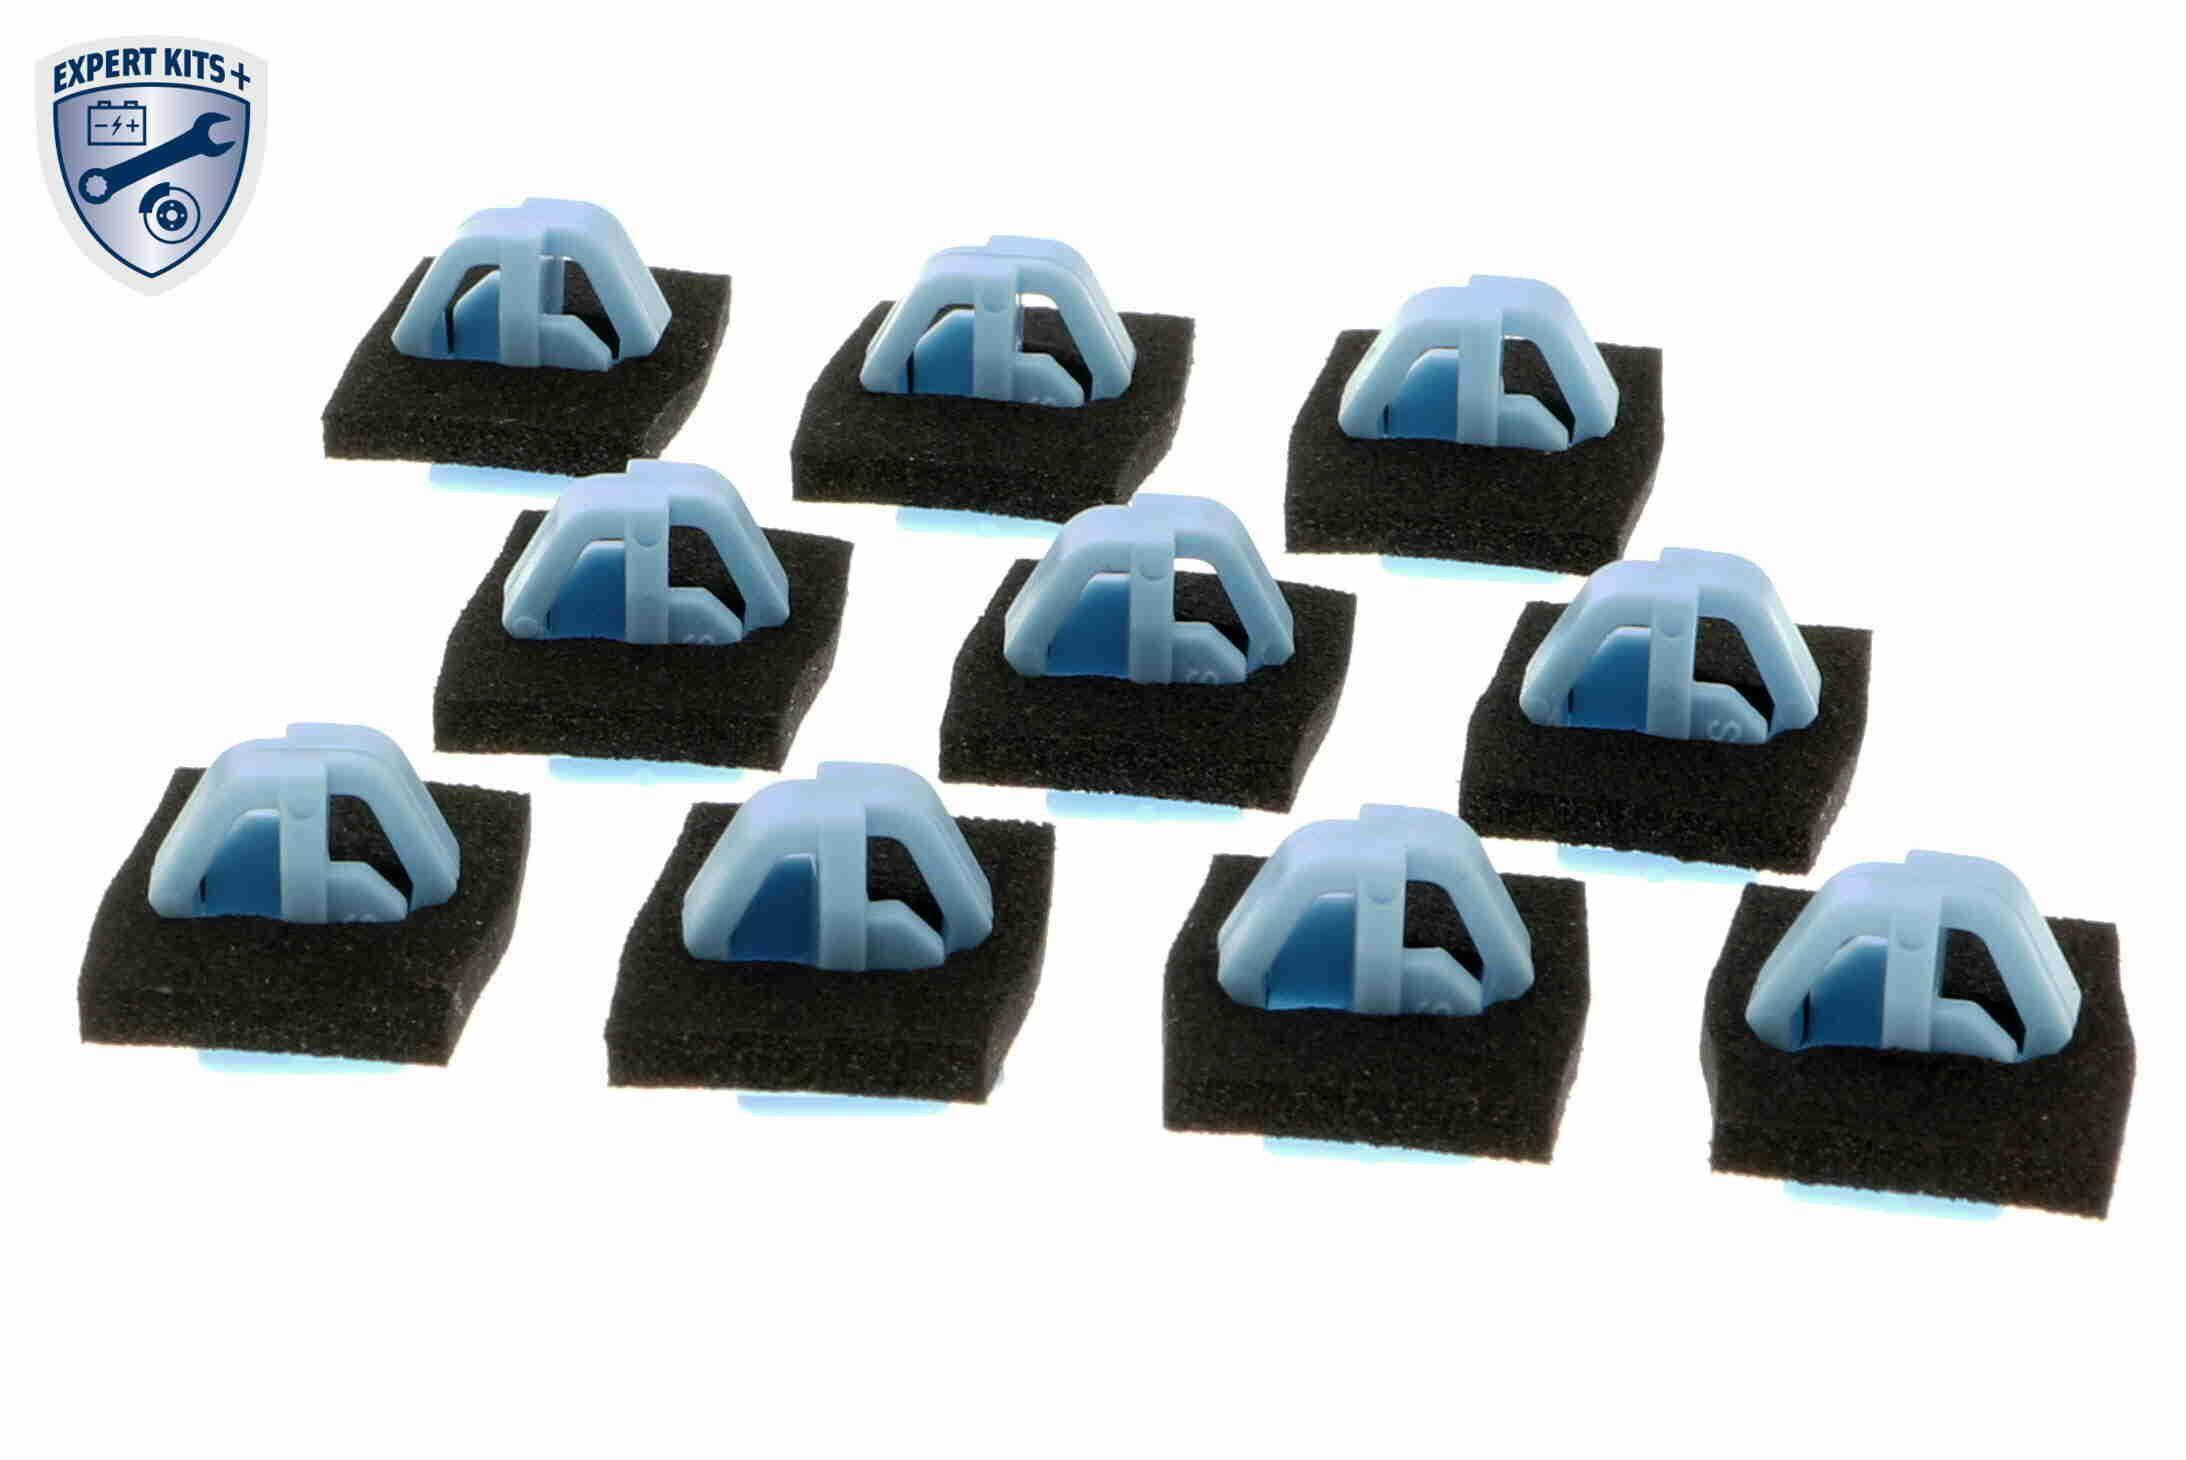 Камера за задно виждане, паркинг асистент ACKOJA A52-74-0001 експертни познания